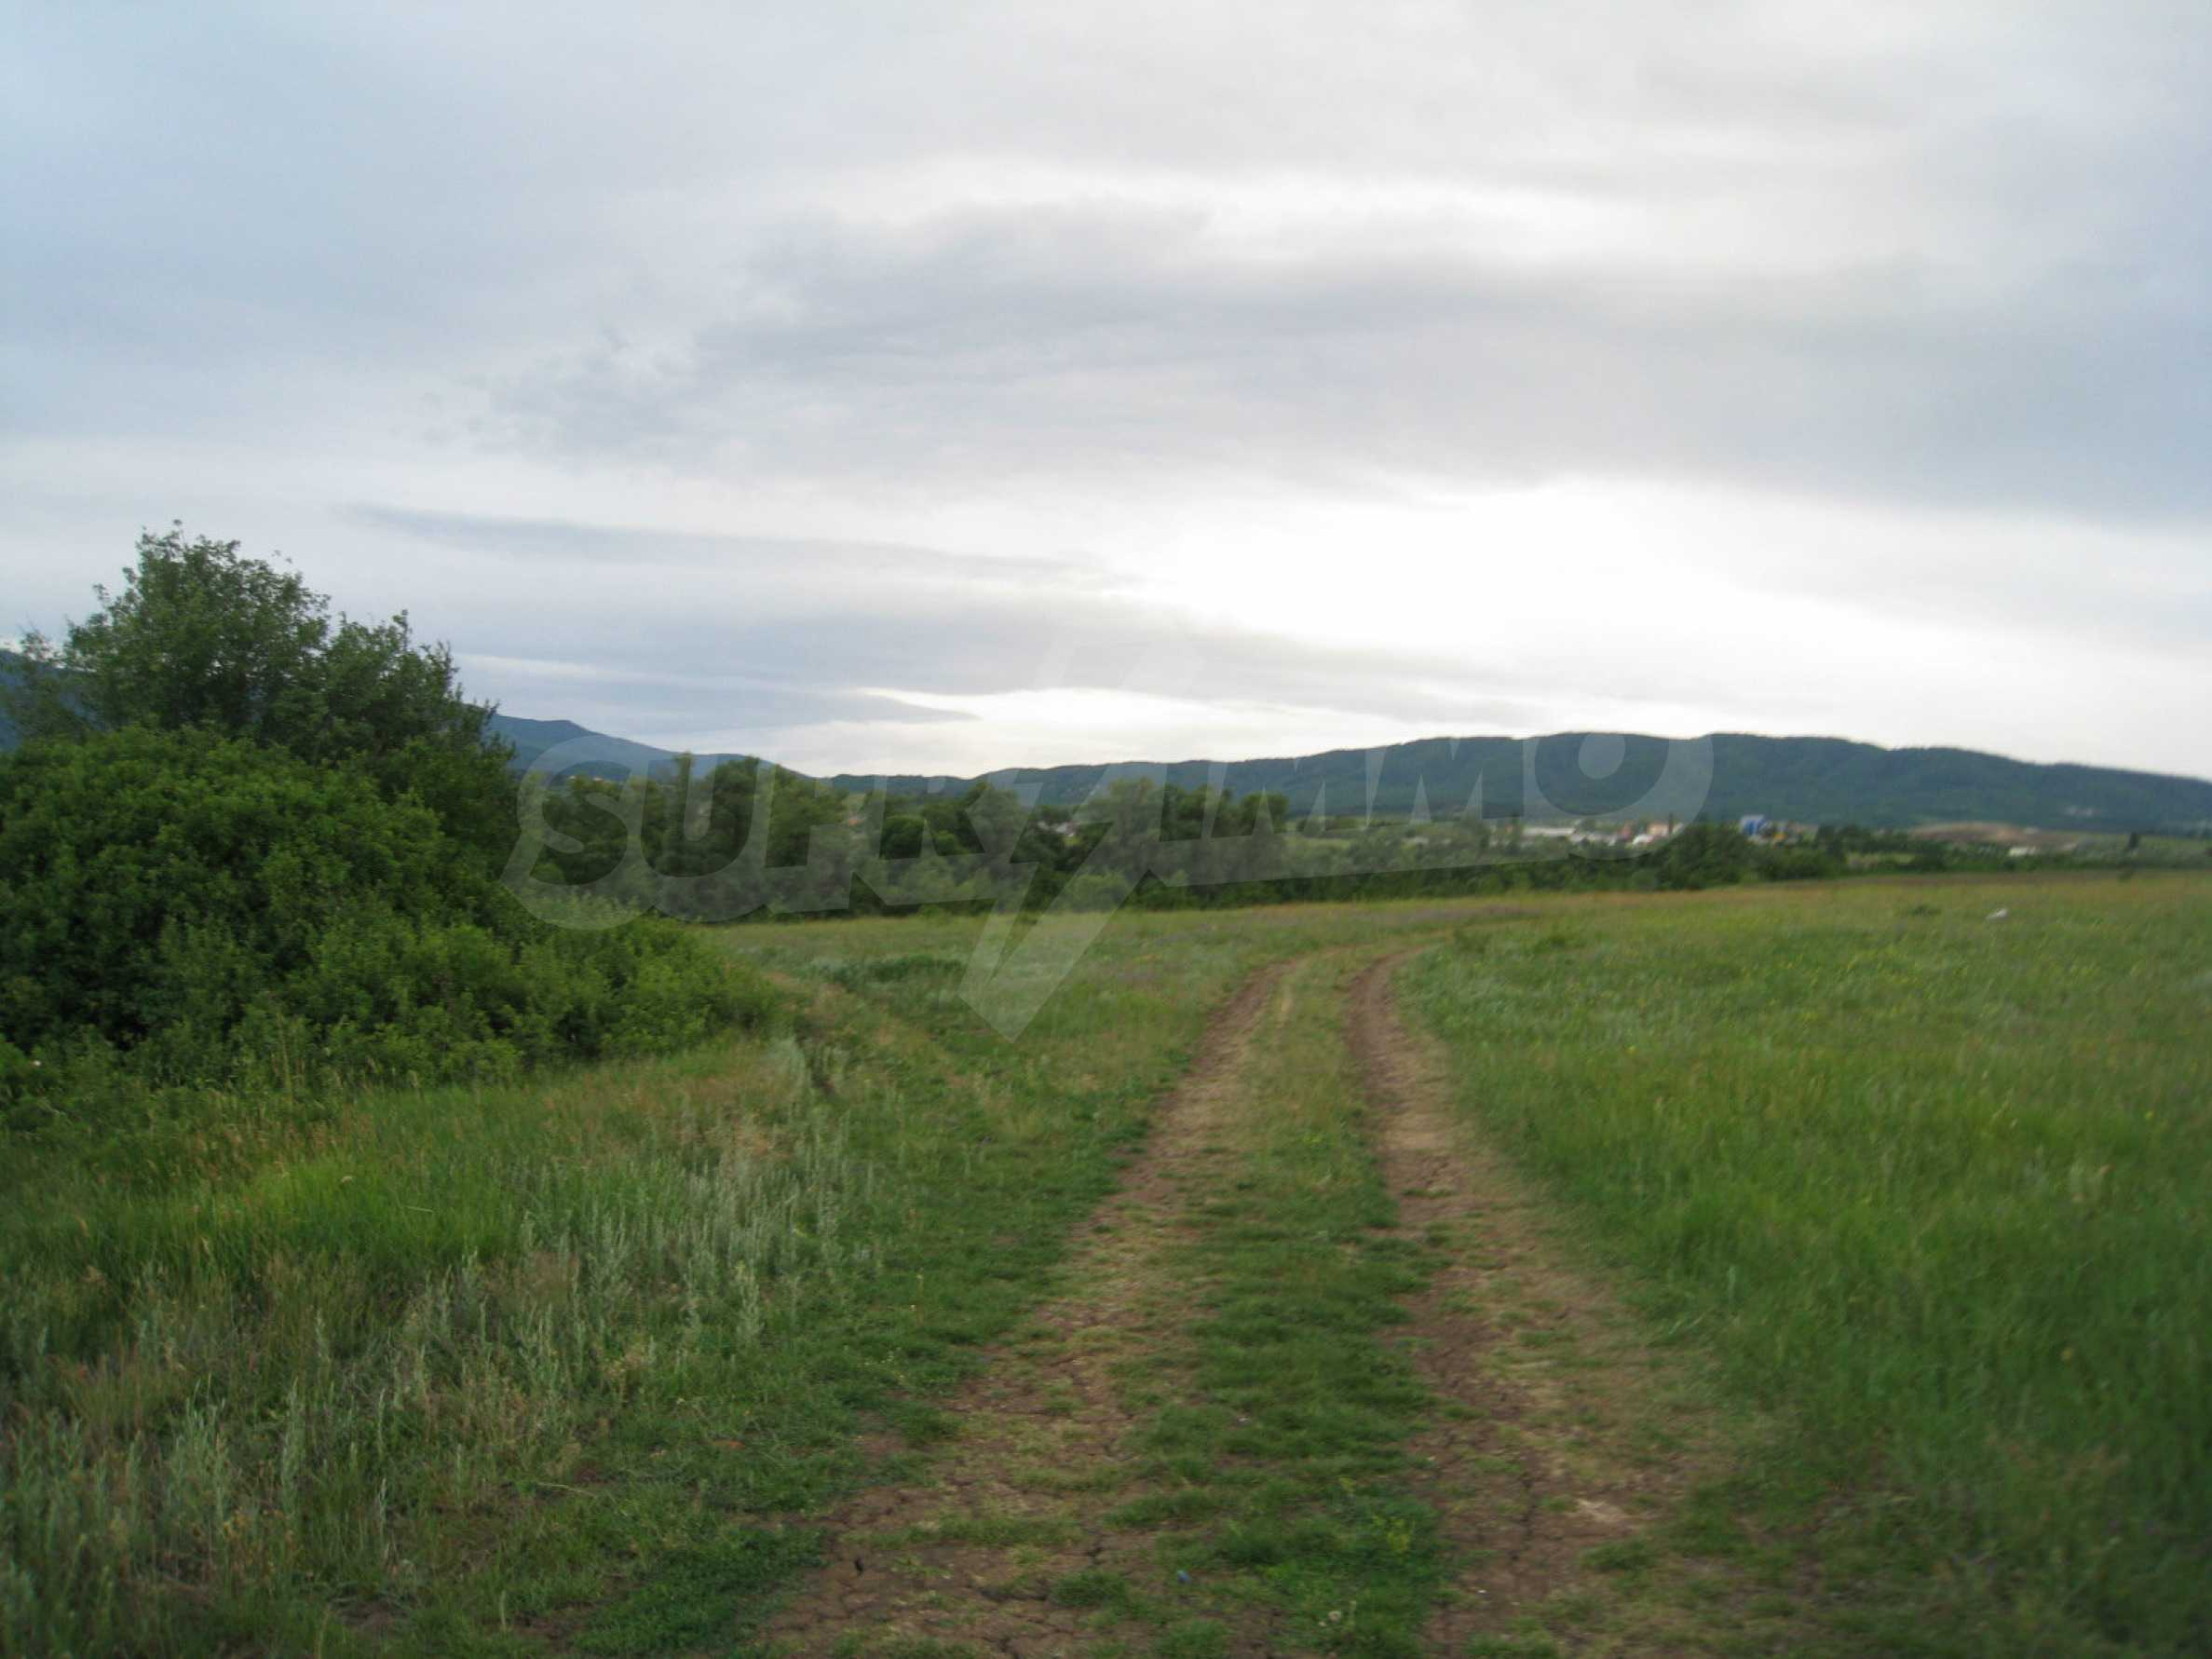 Ackerland in der Nähe eines Sees in Suhodol 26